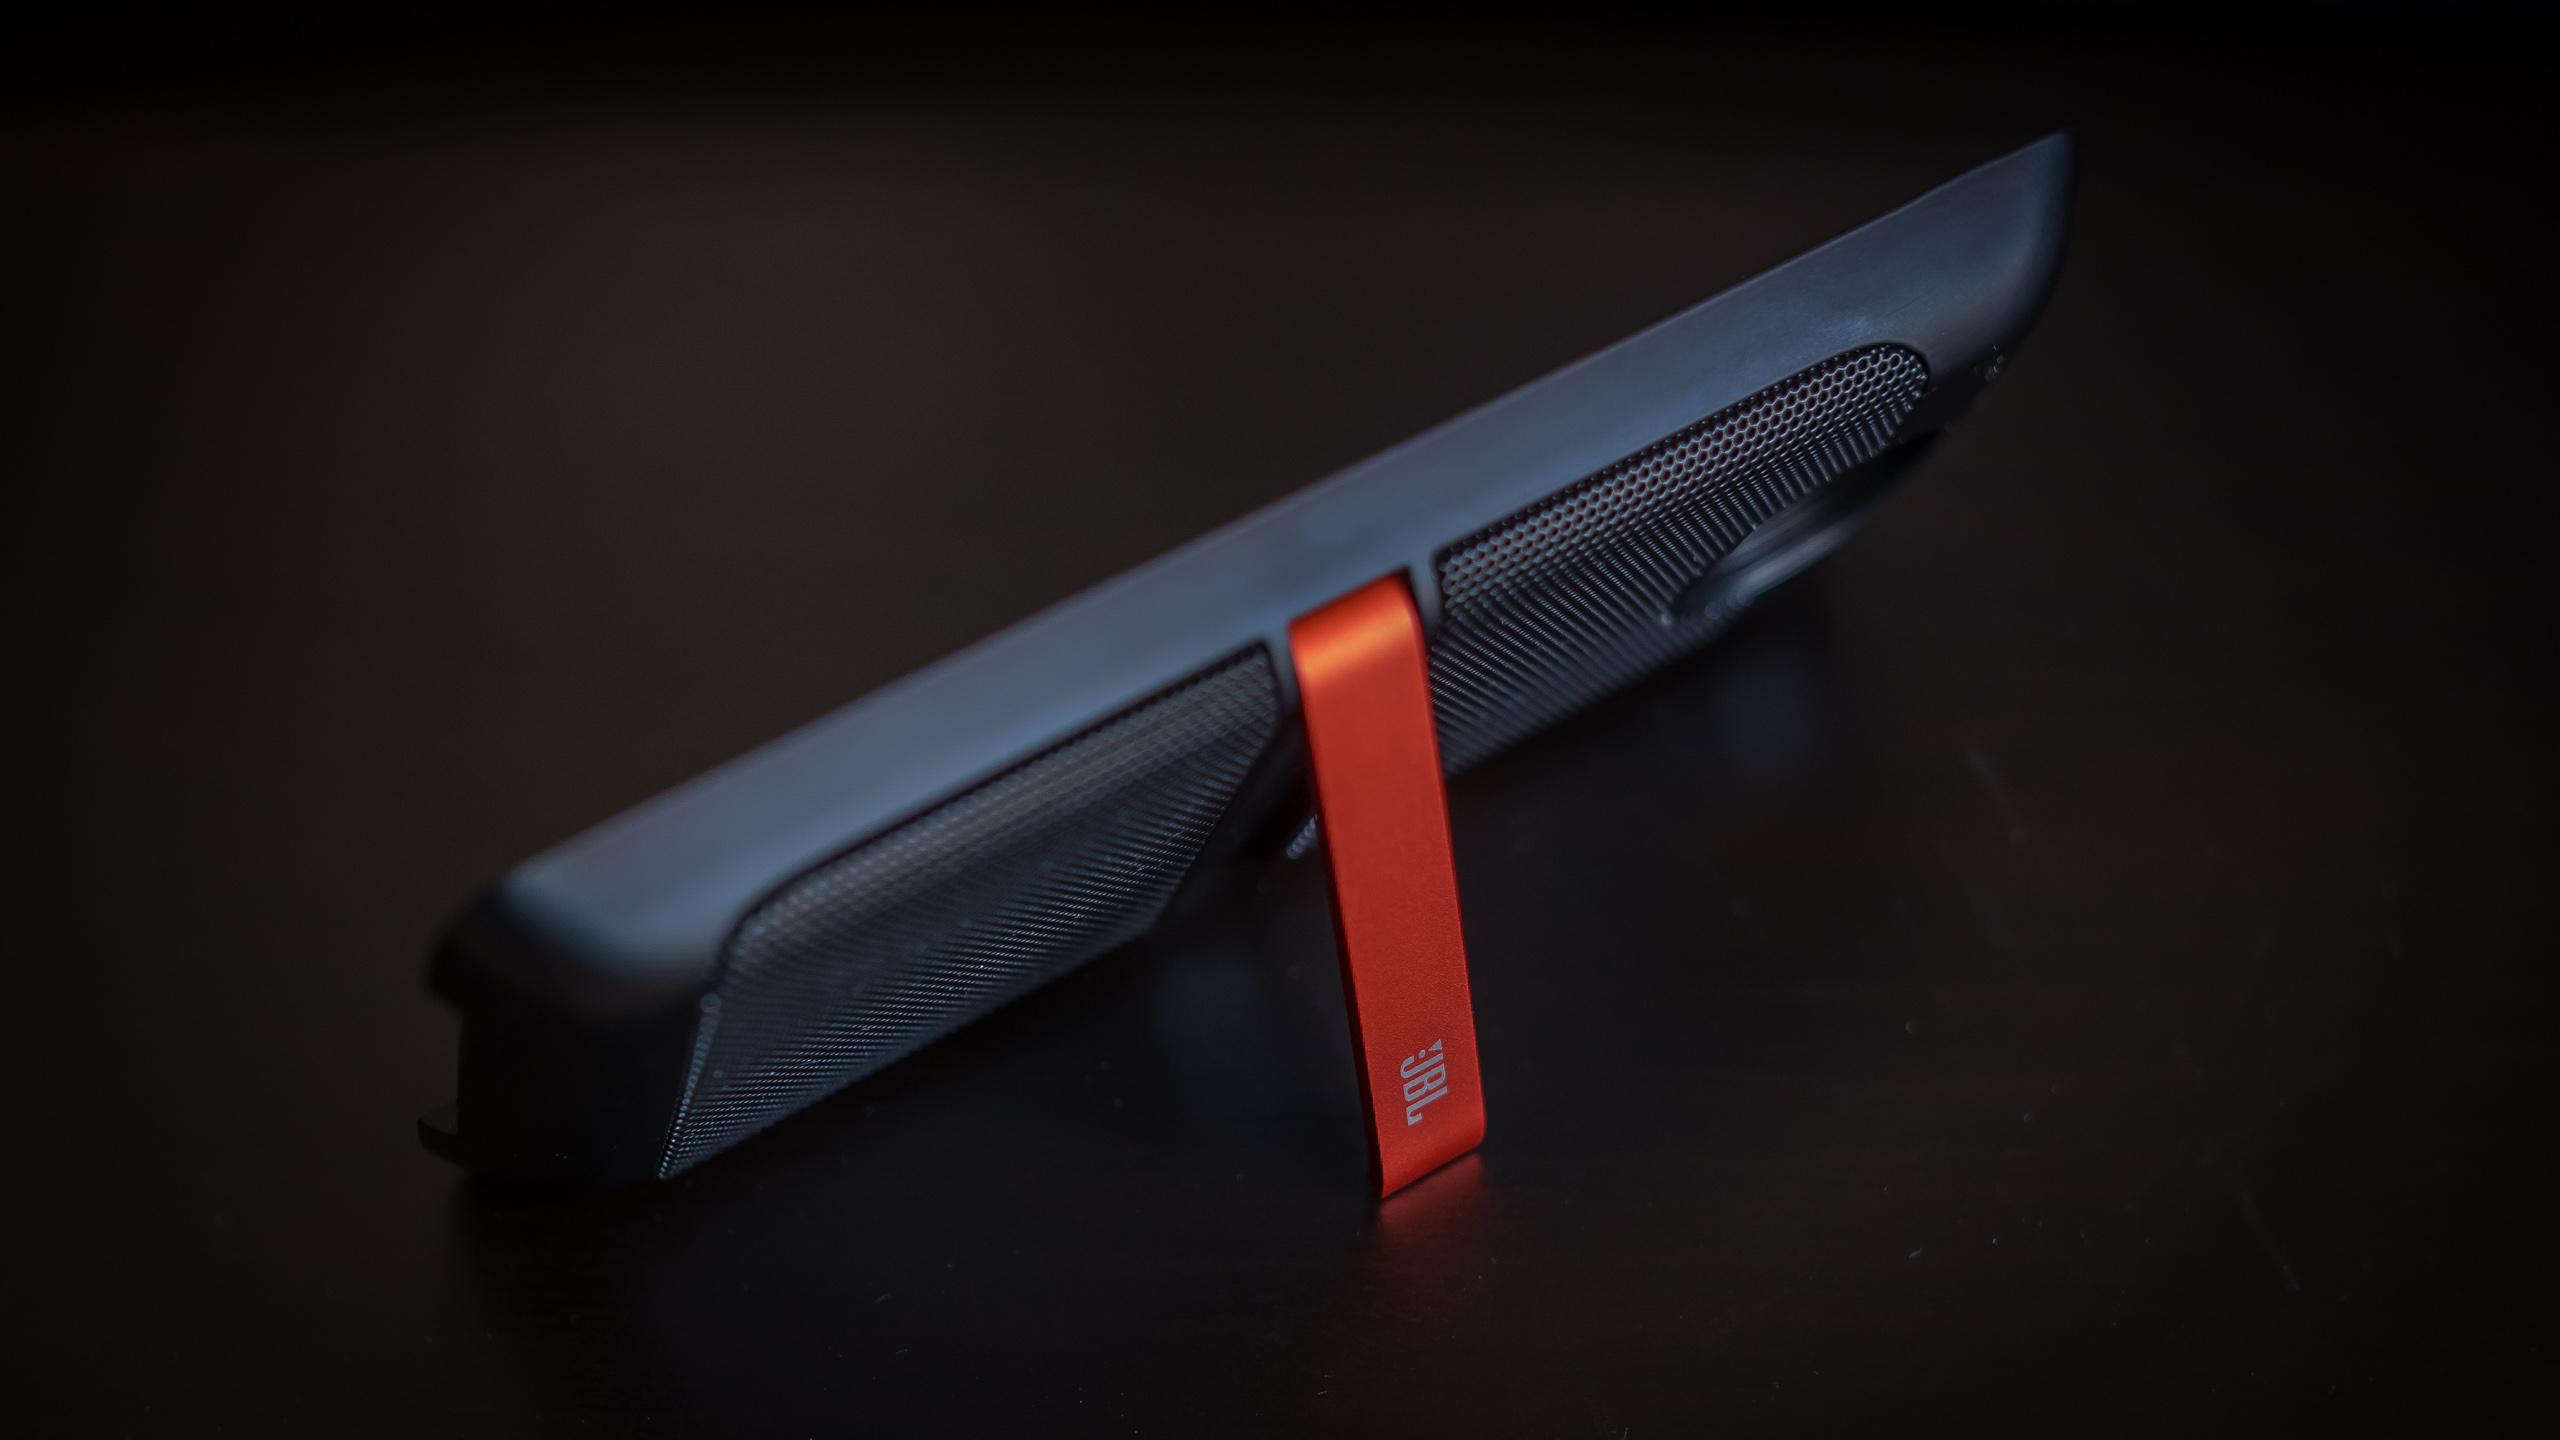 moto mods review soundboost speaker aa (1 of 5)